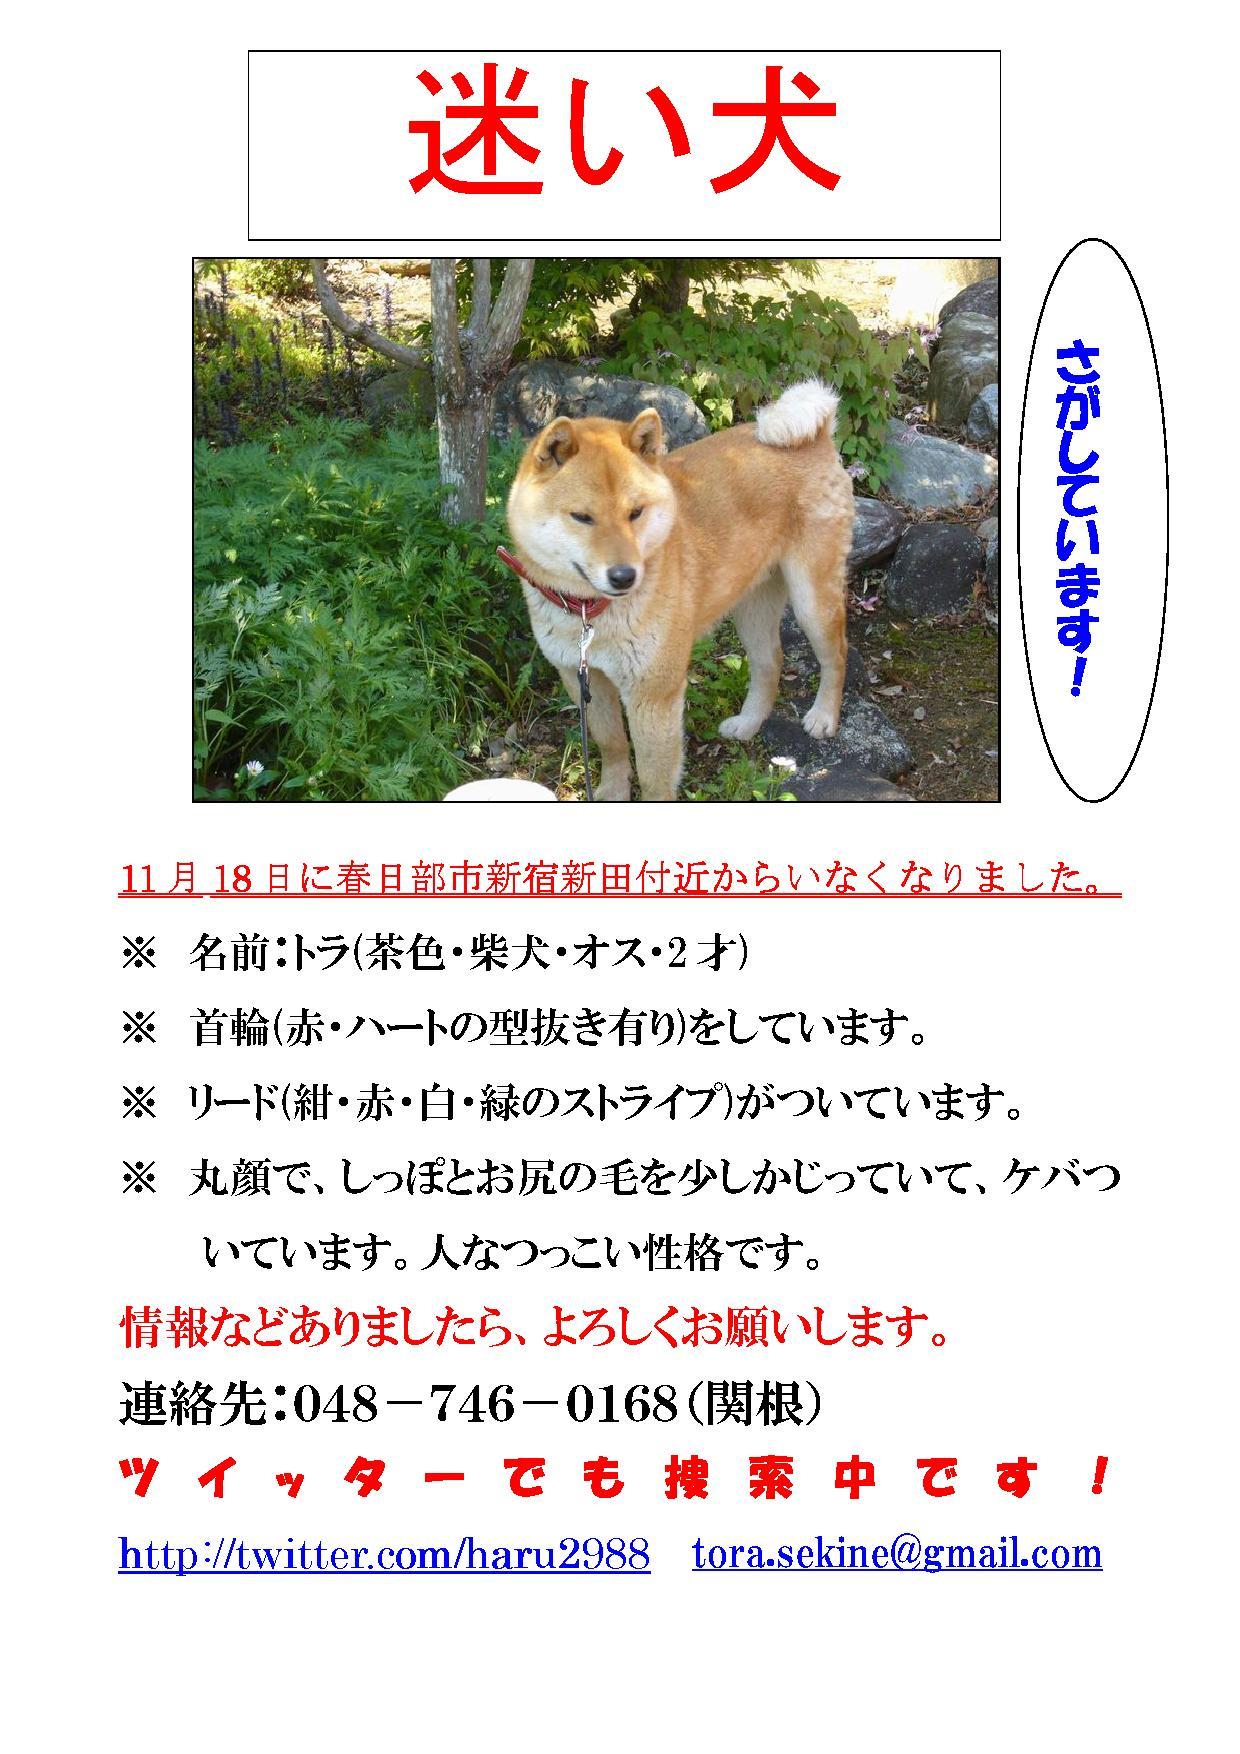 埼玉県春日部市で迷子犬捜索中です。ご協力お願いします!_a0126743_0231958.jpg